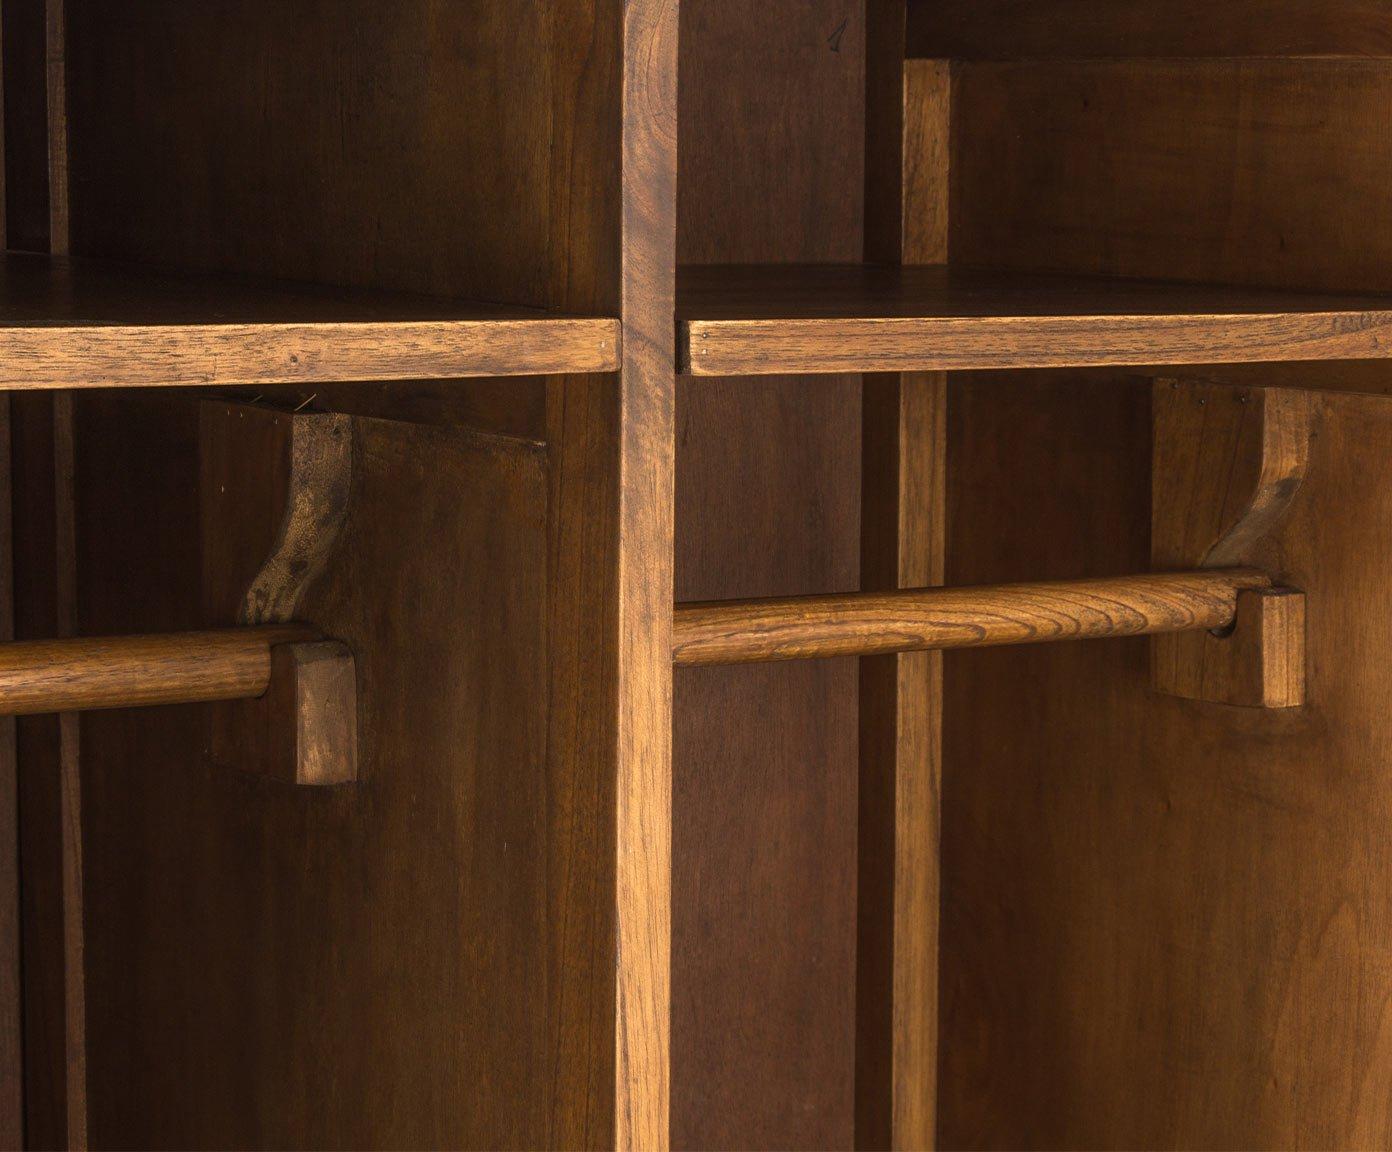 Armario ropero de madera dos cuerpos serie Dua: Amazon.es: Hogar